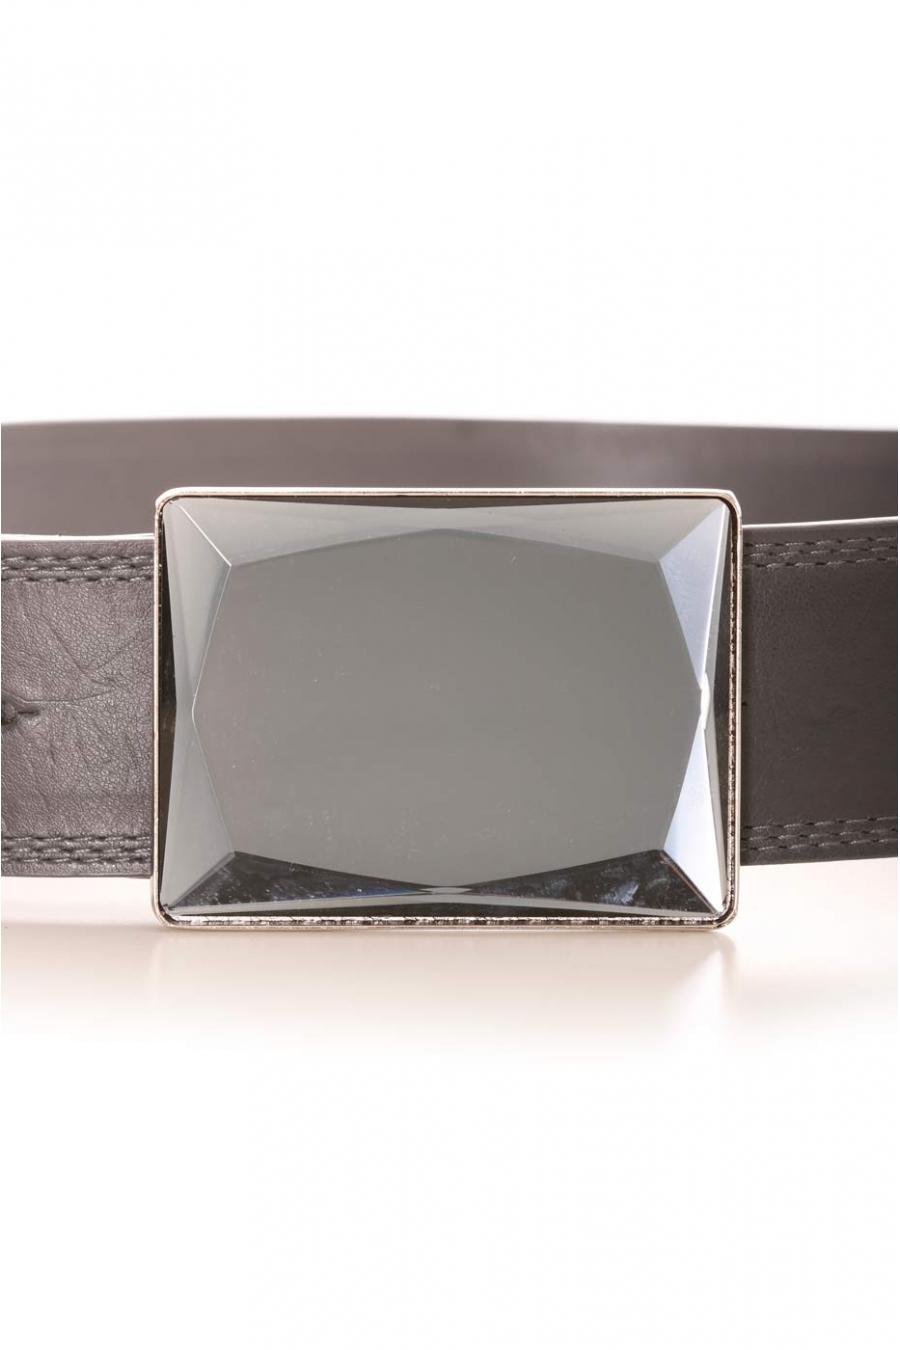 Donkergrijze riem met vierkante gesp met spiegeleffect. Toebehoren LDF0058